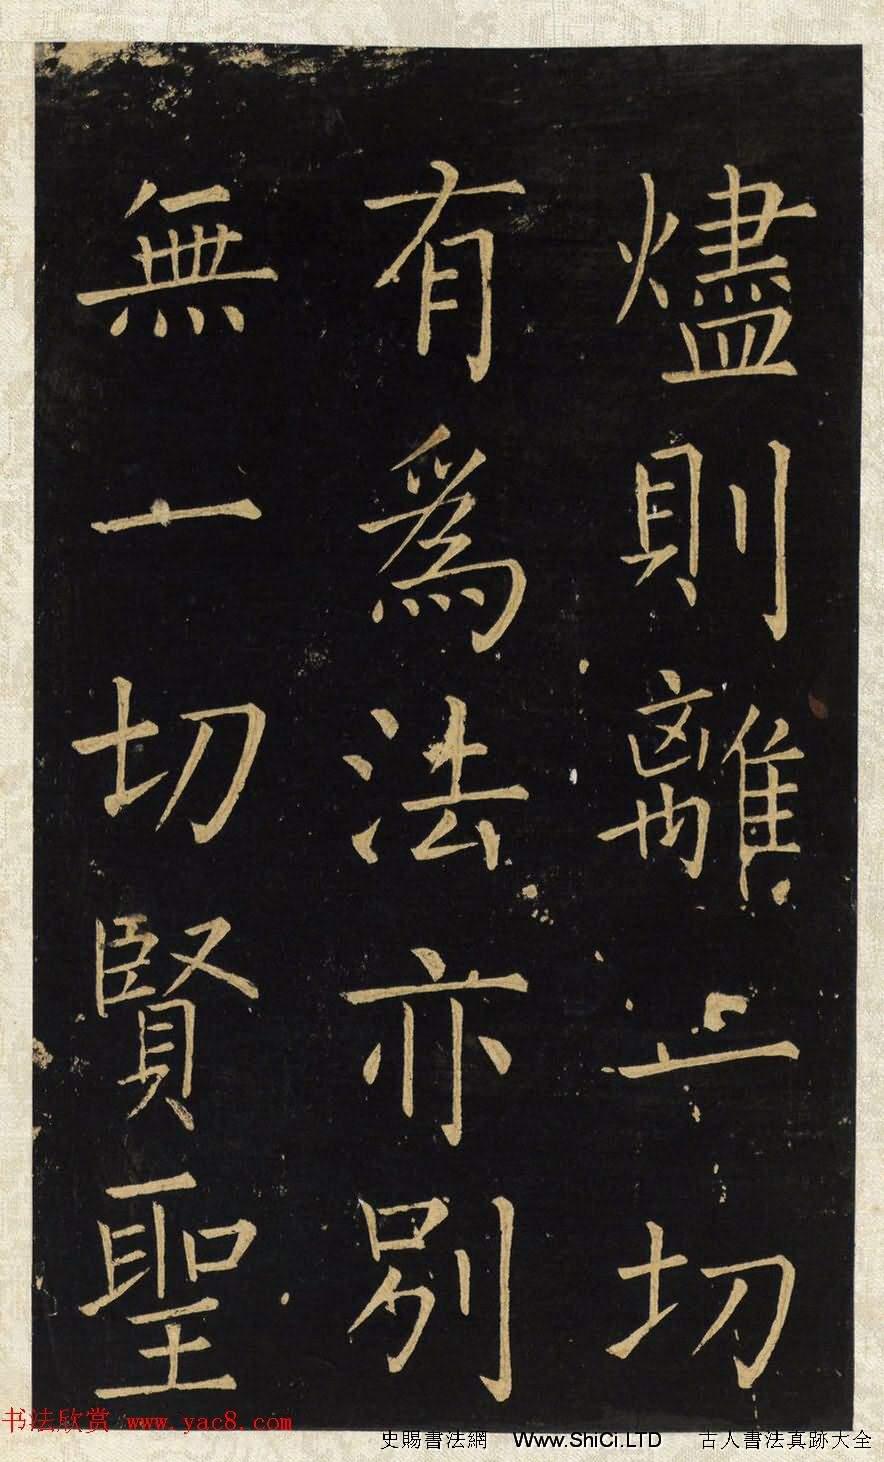 王鐸唯一傳世的柳體楷書《延壽寺碑》